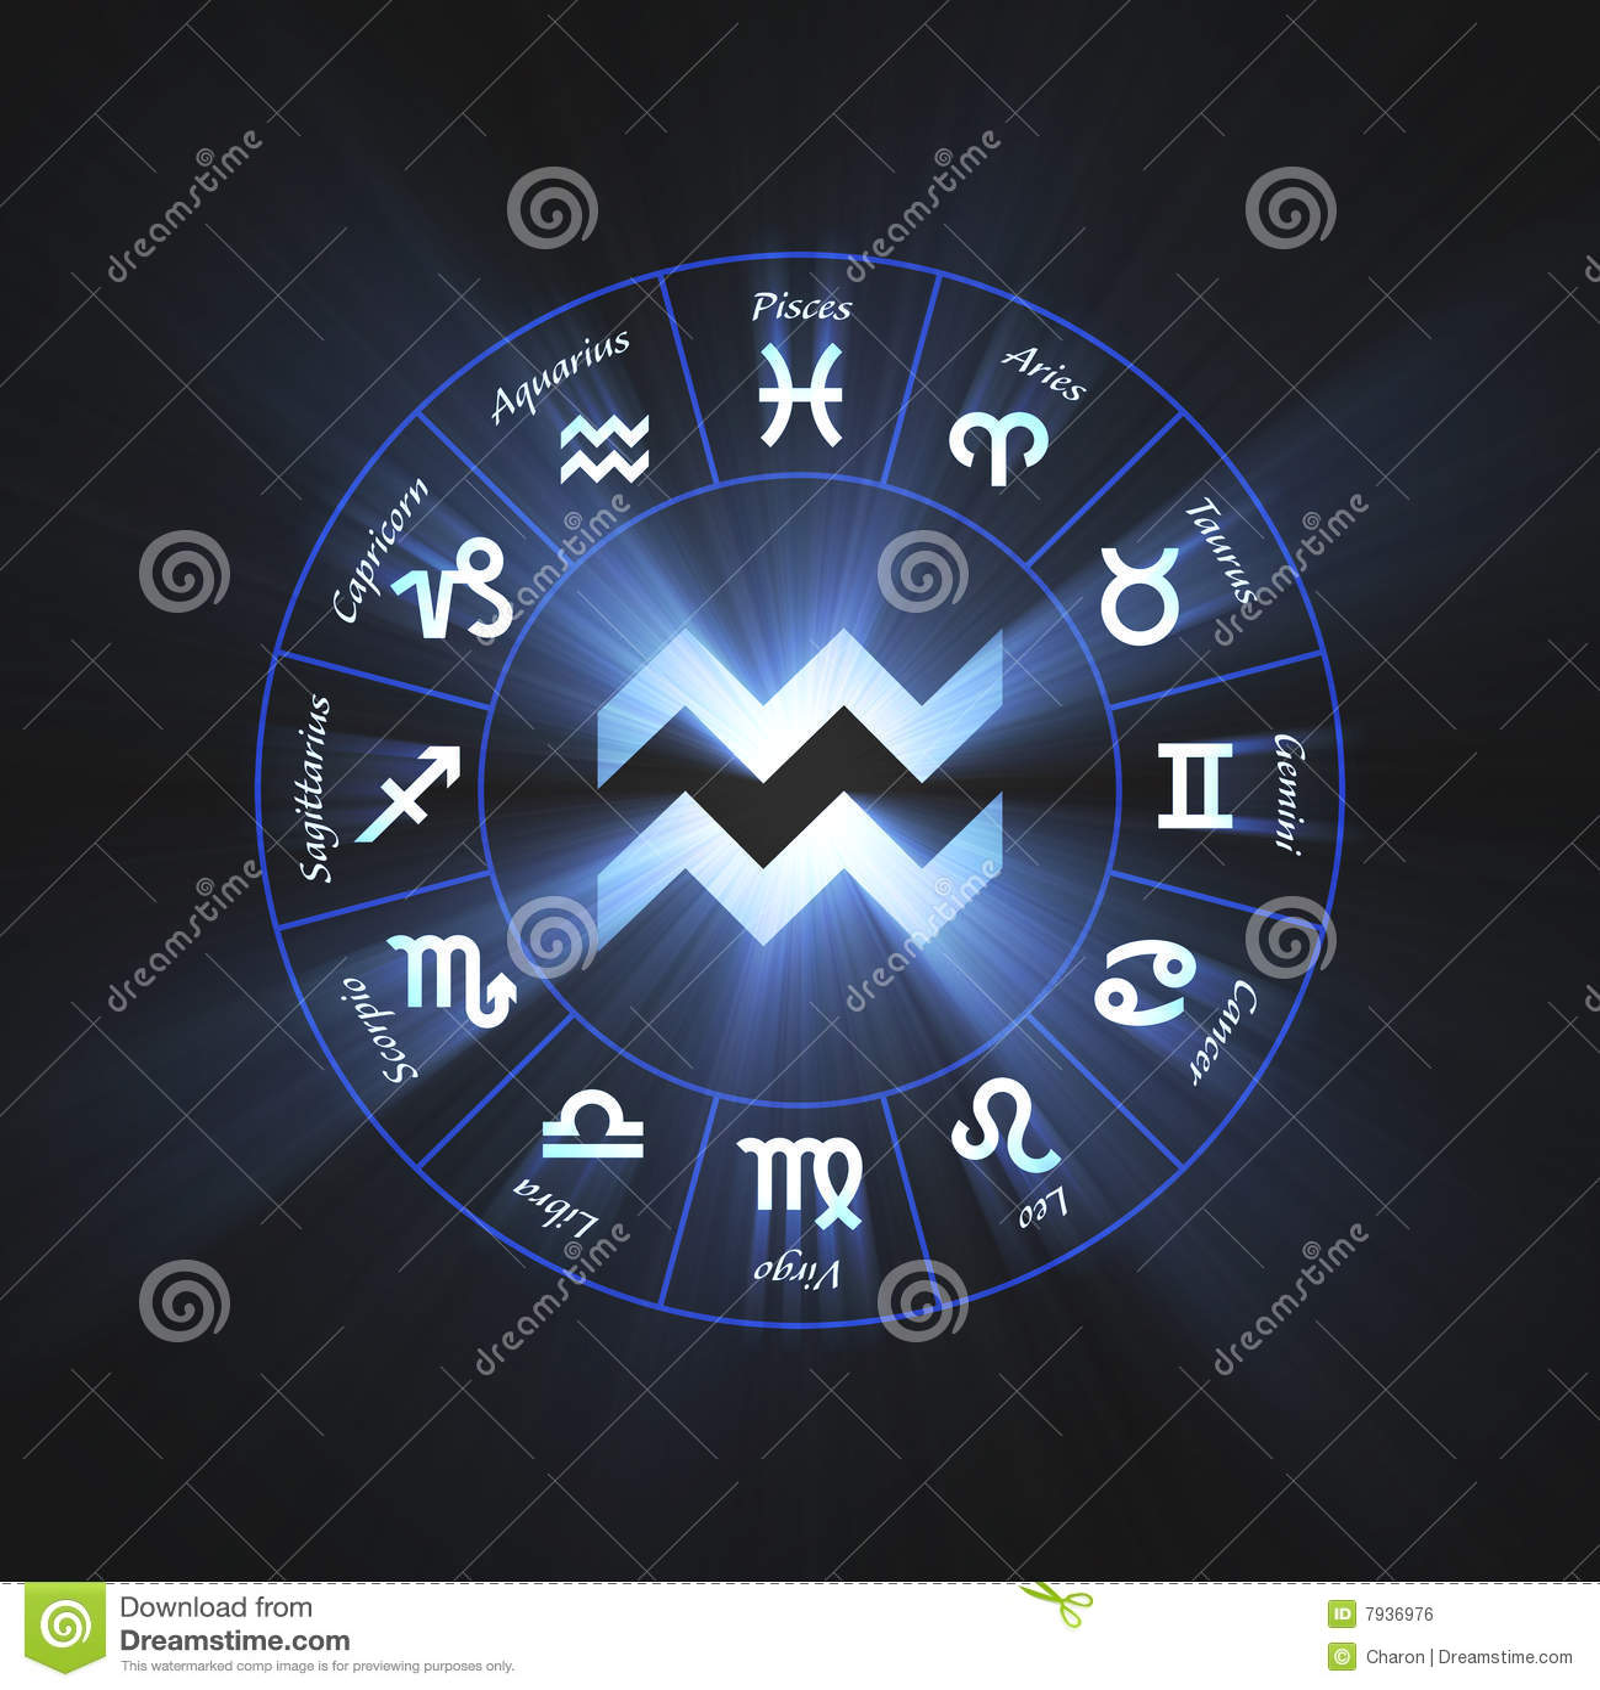 宝瓶星座占星术火光符号